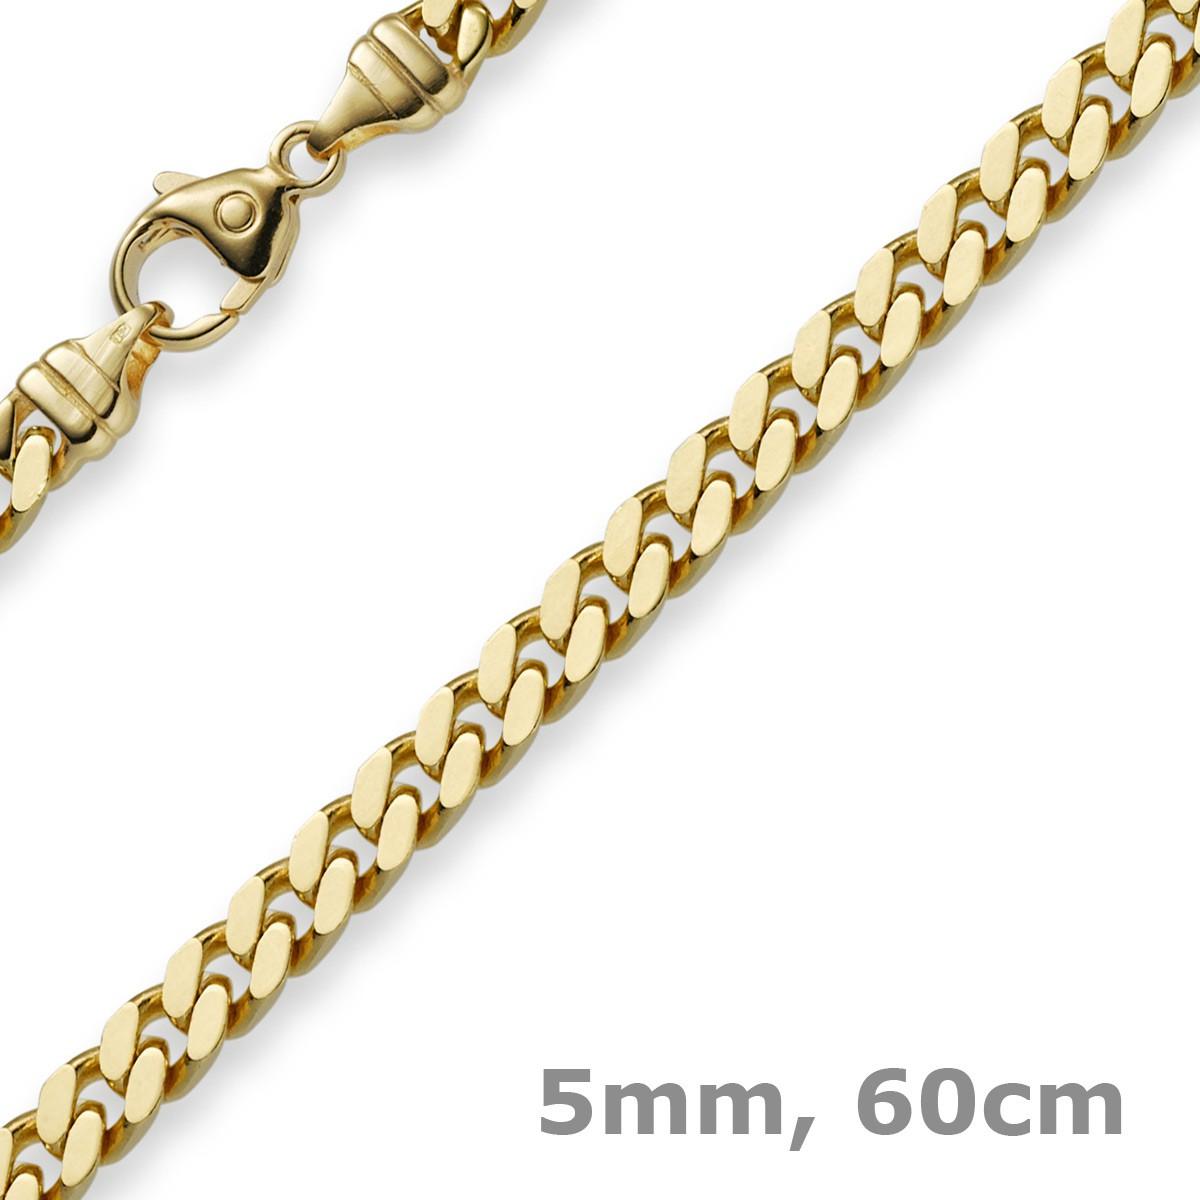 kauf verkauf Kaufen Sie Authentic sehr günstig 5mm Panzerkette Kette Collier aus 585 Gold Gelbgold, Goldkette, 60cm